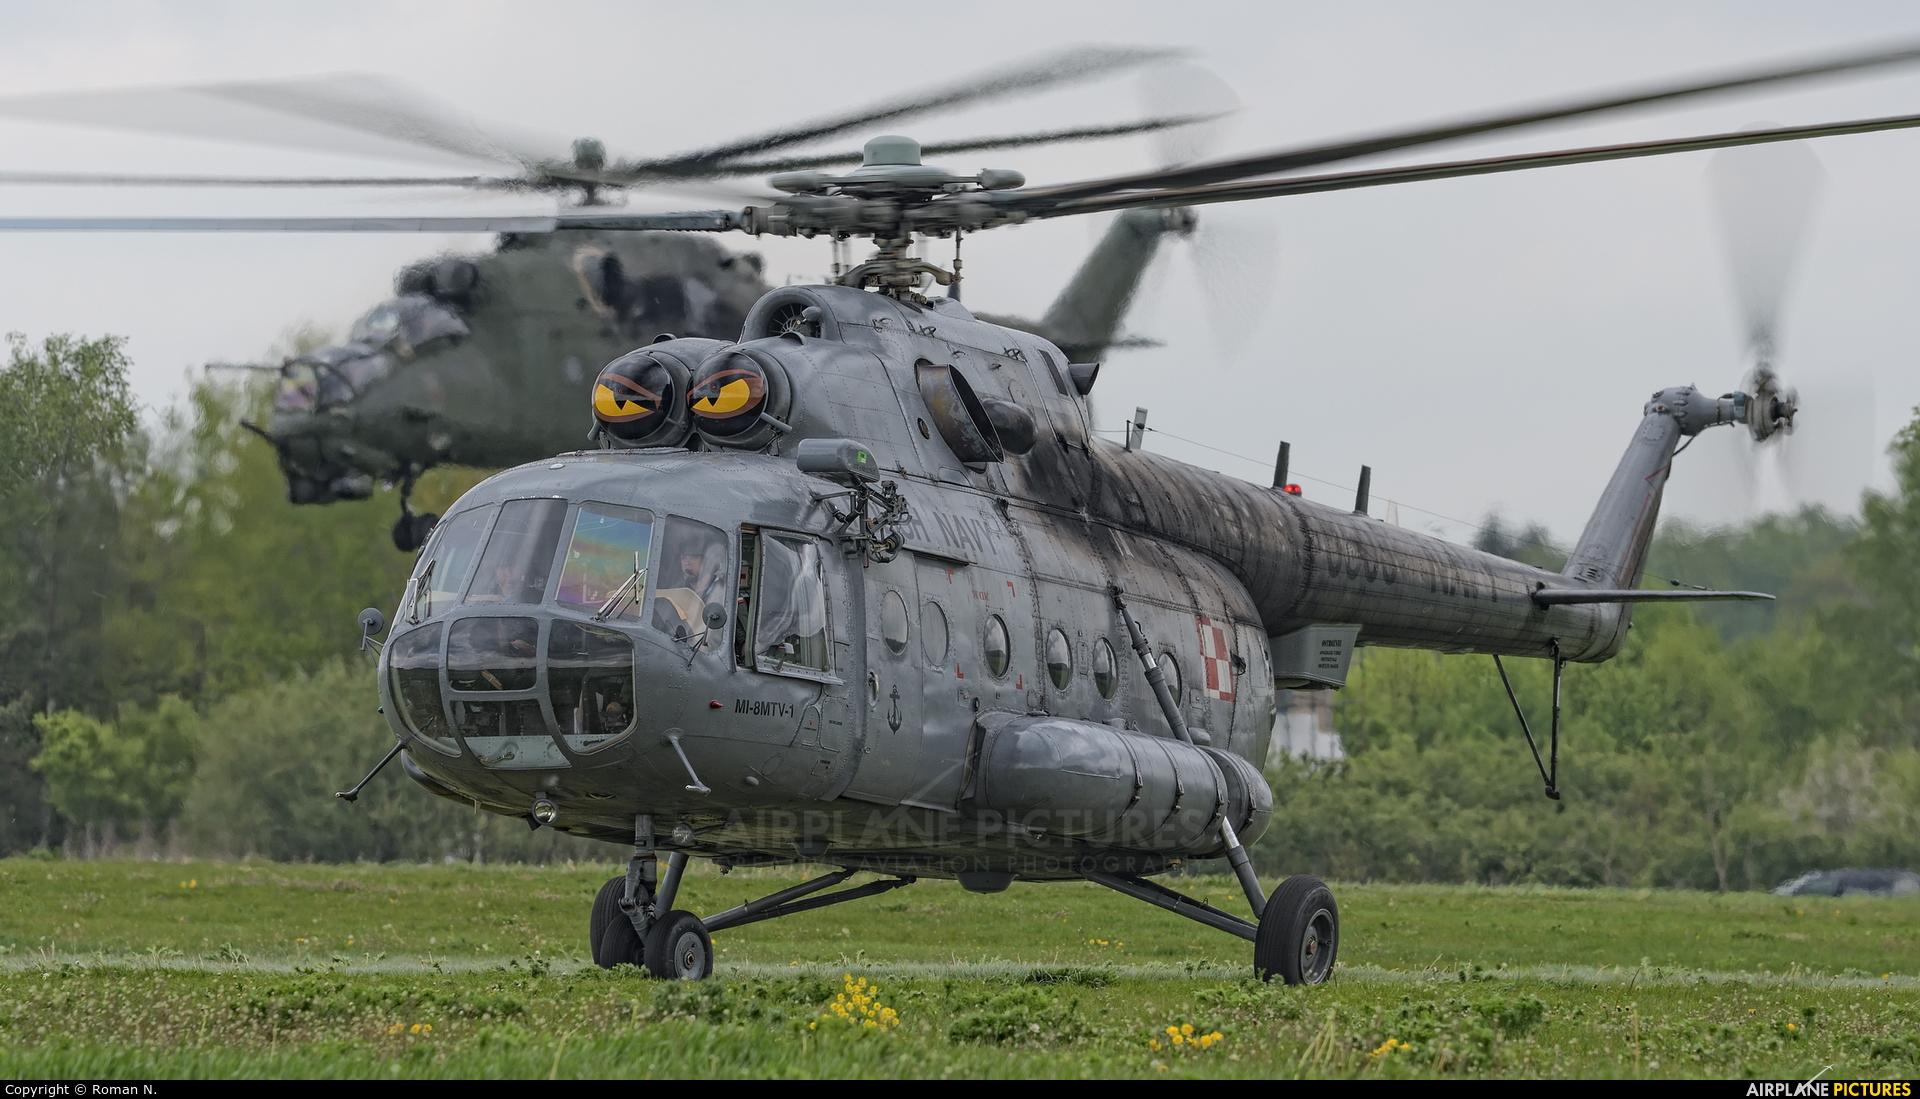 Poland - Navy 0608 aircraft at Off Airport - Poland